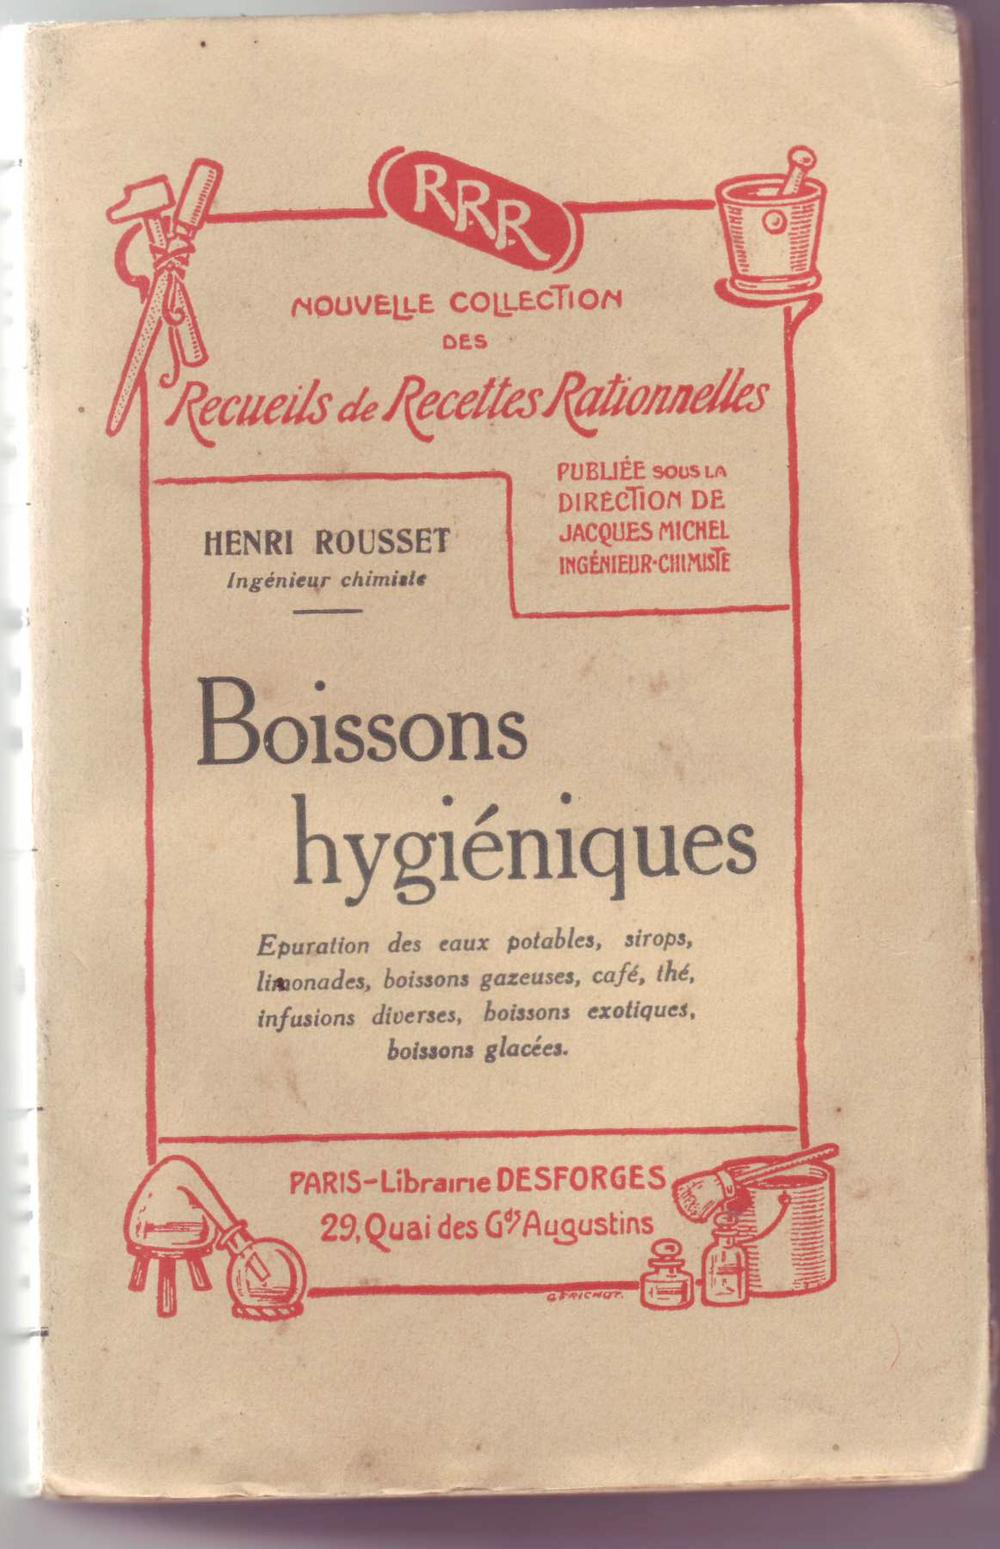 Boissonshygieniques-1.jpg